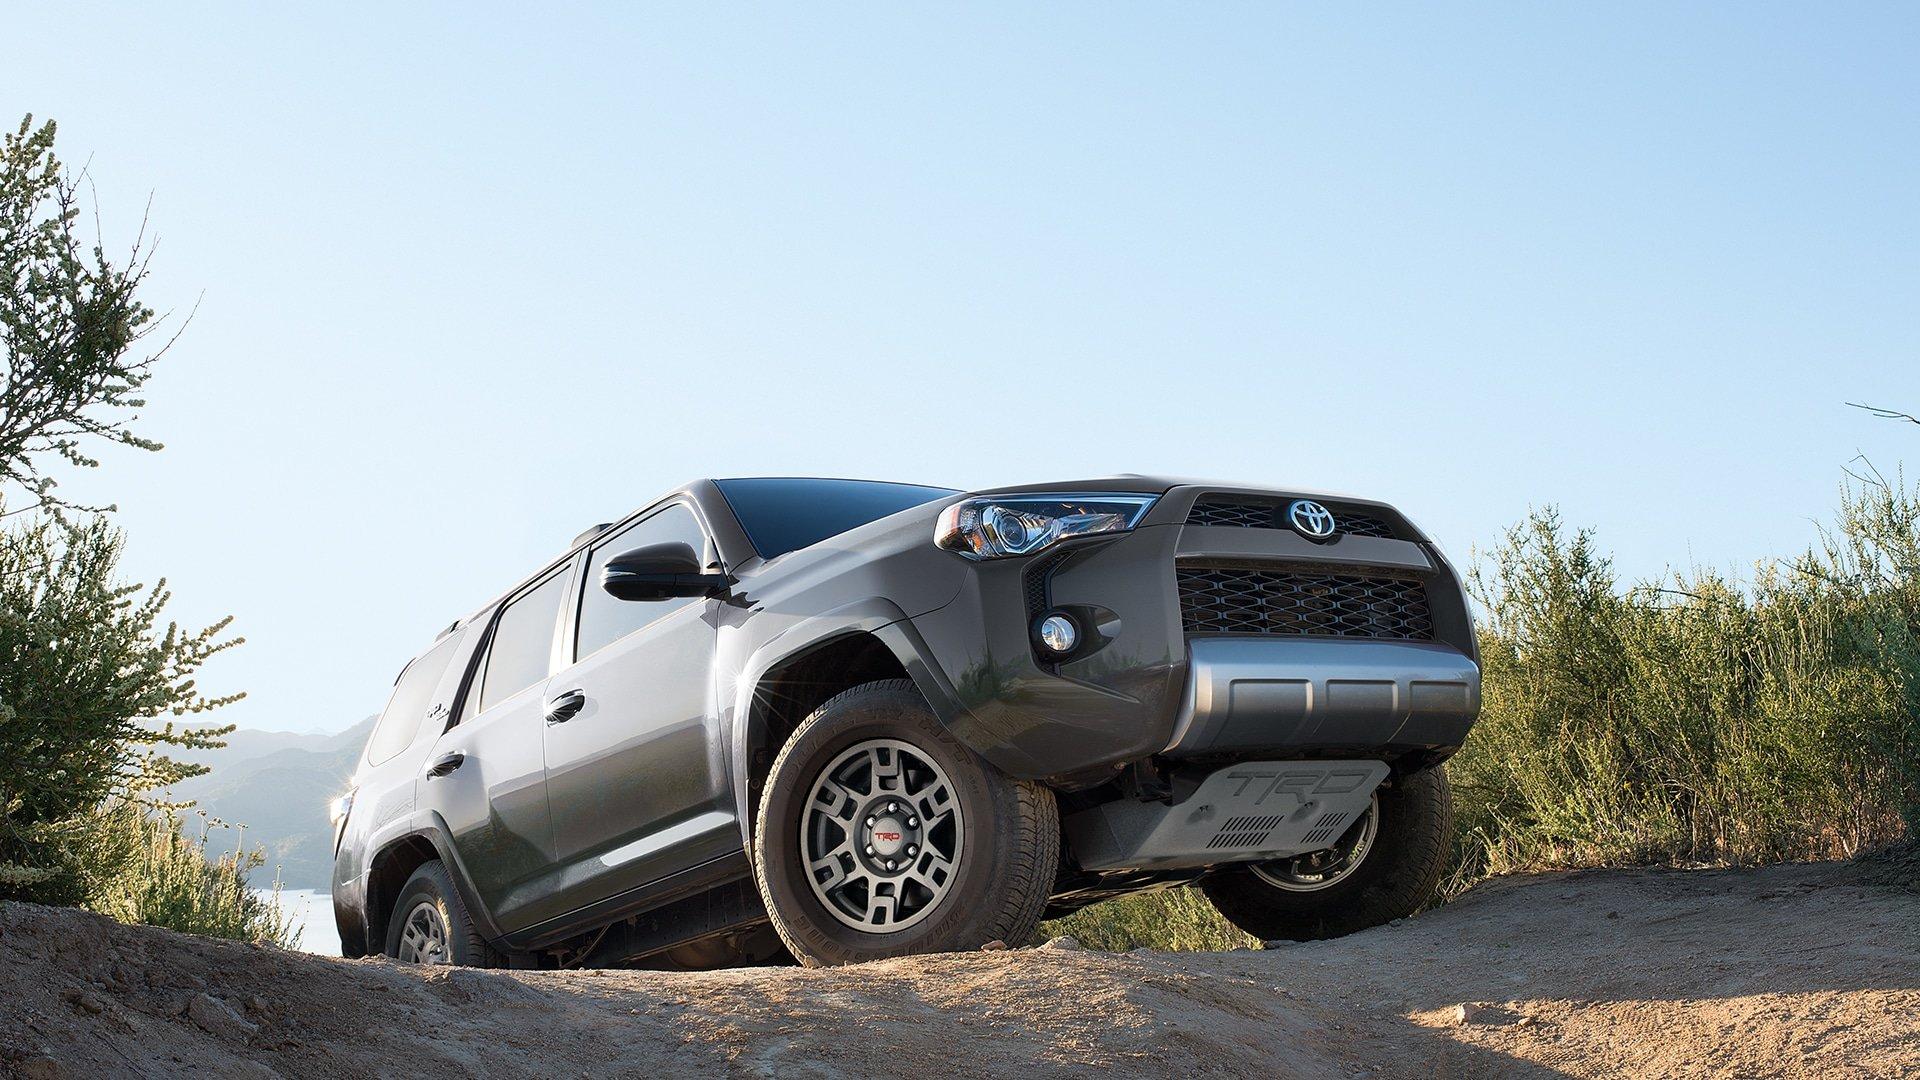 Toyota 4Runner Price & Lease fer Jeff Wyler